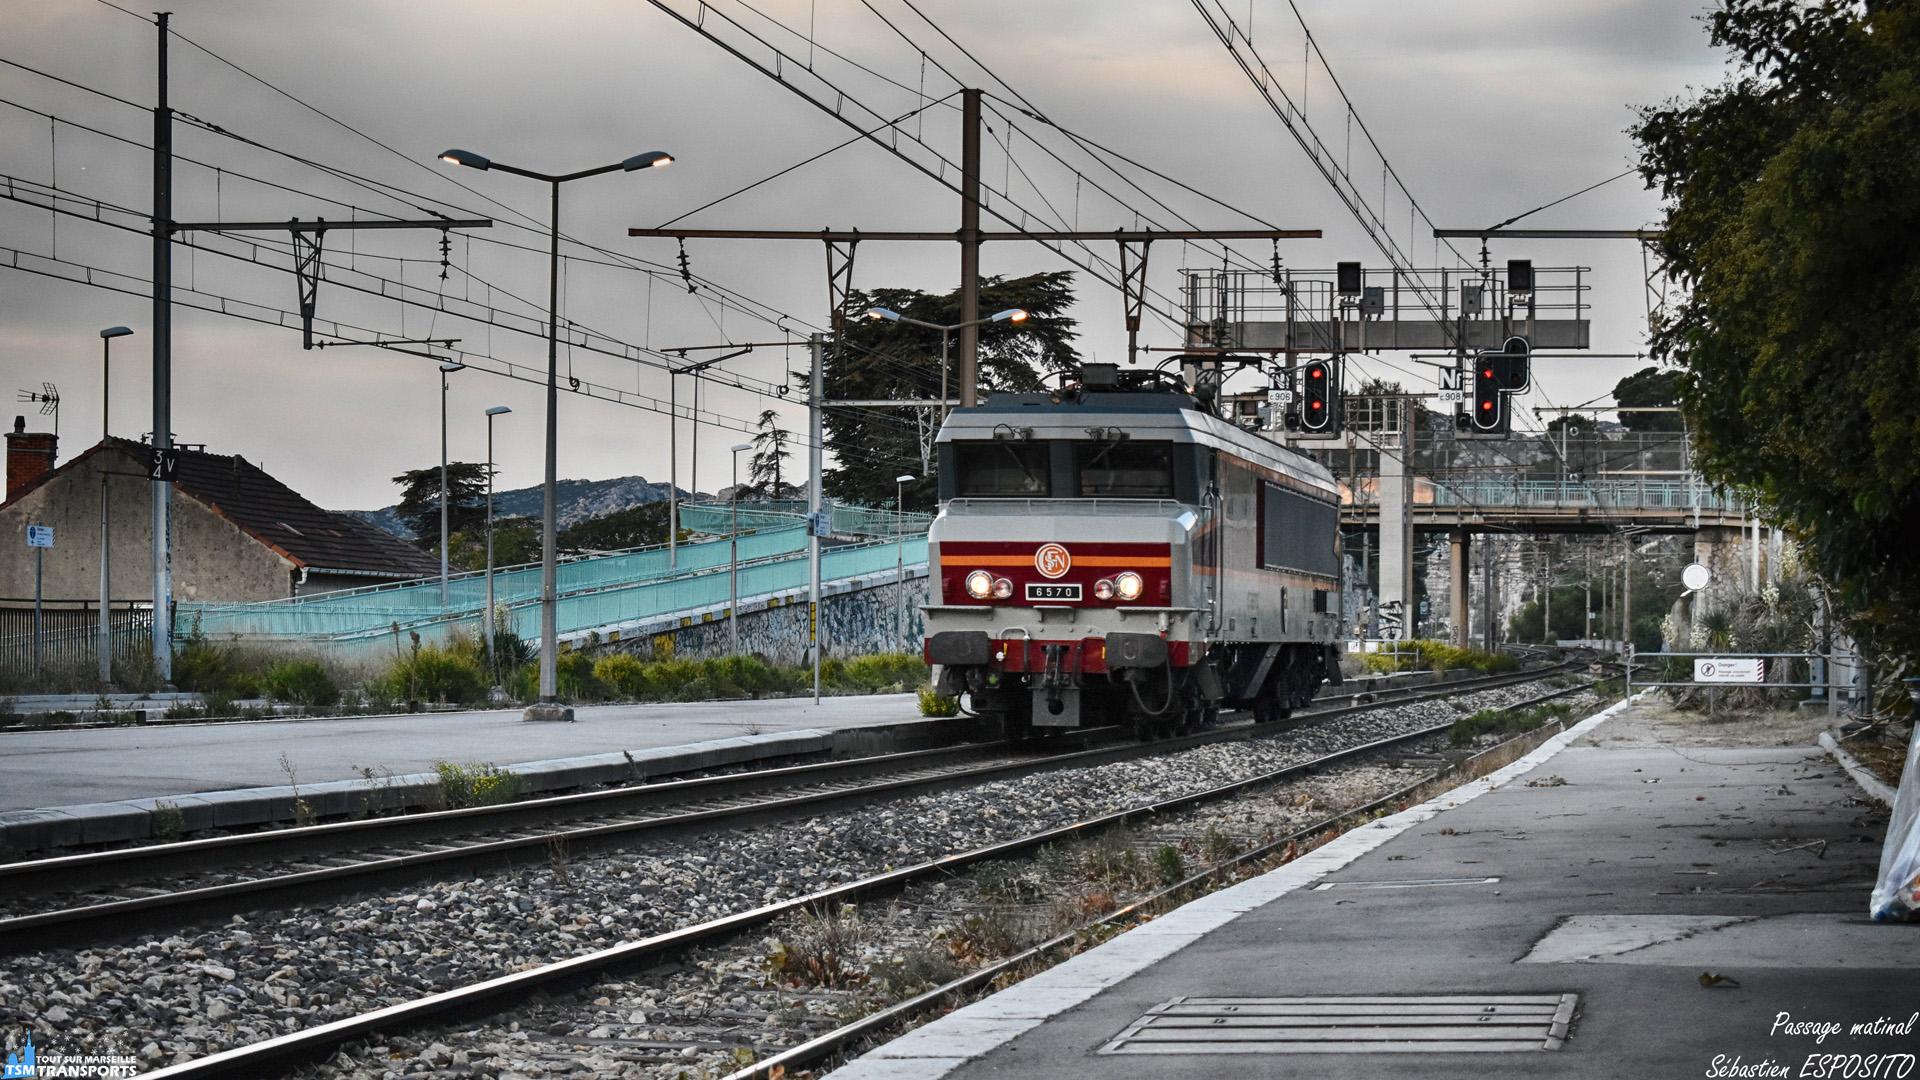 6 Octobre 2018, le jourJ est arrivé, début de la fête du train dans quelques heures en gare de Miramas, la CC6570 descend sur Marseille pour assuré le train spécial qui amènera entre autre @lordregio13 à Miramas, pour une journée riche en rencontres et bonne humeur, la voici en HLP en gare de L'Estaque pour aller chercher ses voitures corail. . ℹ️ Alsthom MTE CC6500 (CC6570) APCC 6570, baptisée Armentières. . 📍 Gare de L'Estaque, Avenue de Caronte, 16eme arrondissement de Marseille. . ↔️ HLP : Avignon Marseille Saint Charles. . 📸 Nikon D5600. . 📷 Nikkor 18-55mm. . 📅 6 Octobre 2018 à 7:55. . 👨 Sébastien ESPOSITO dans la solitude d'un matin dans une gare désertique.